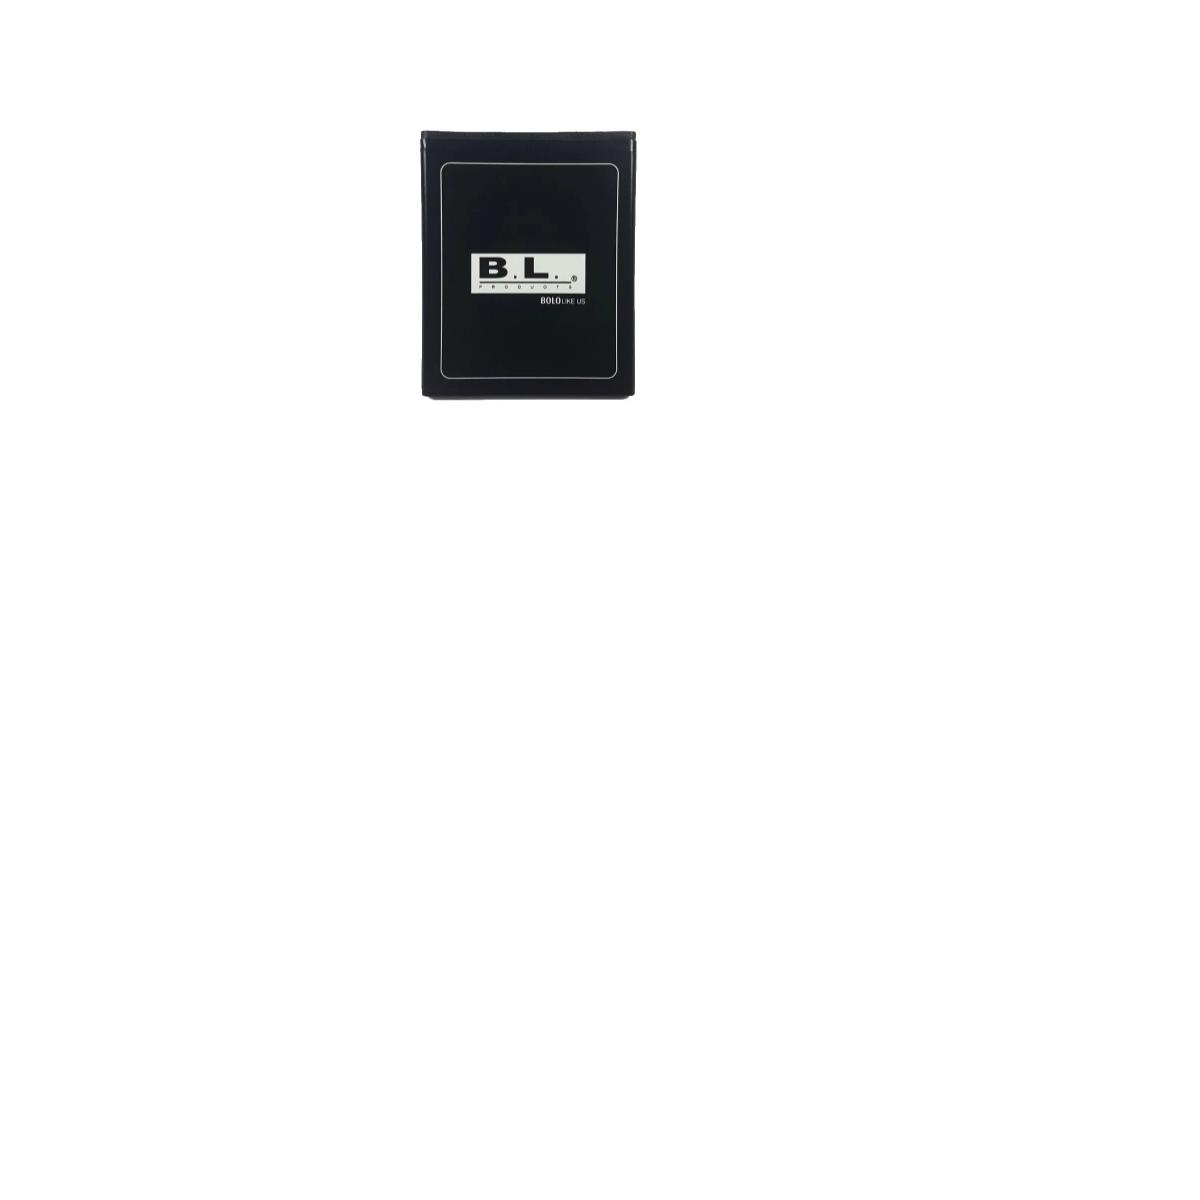 BATERIA BLU C755843220L 2200MAH